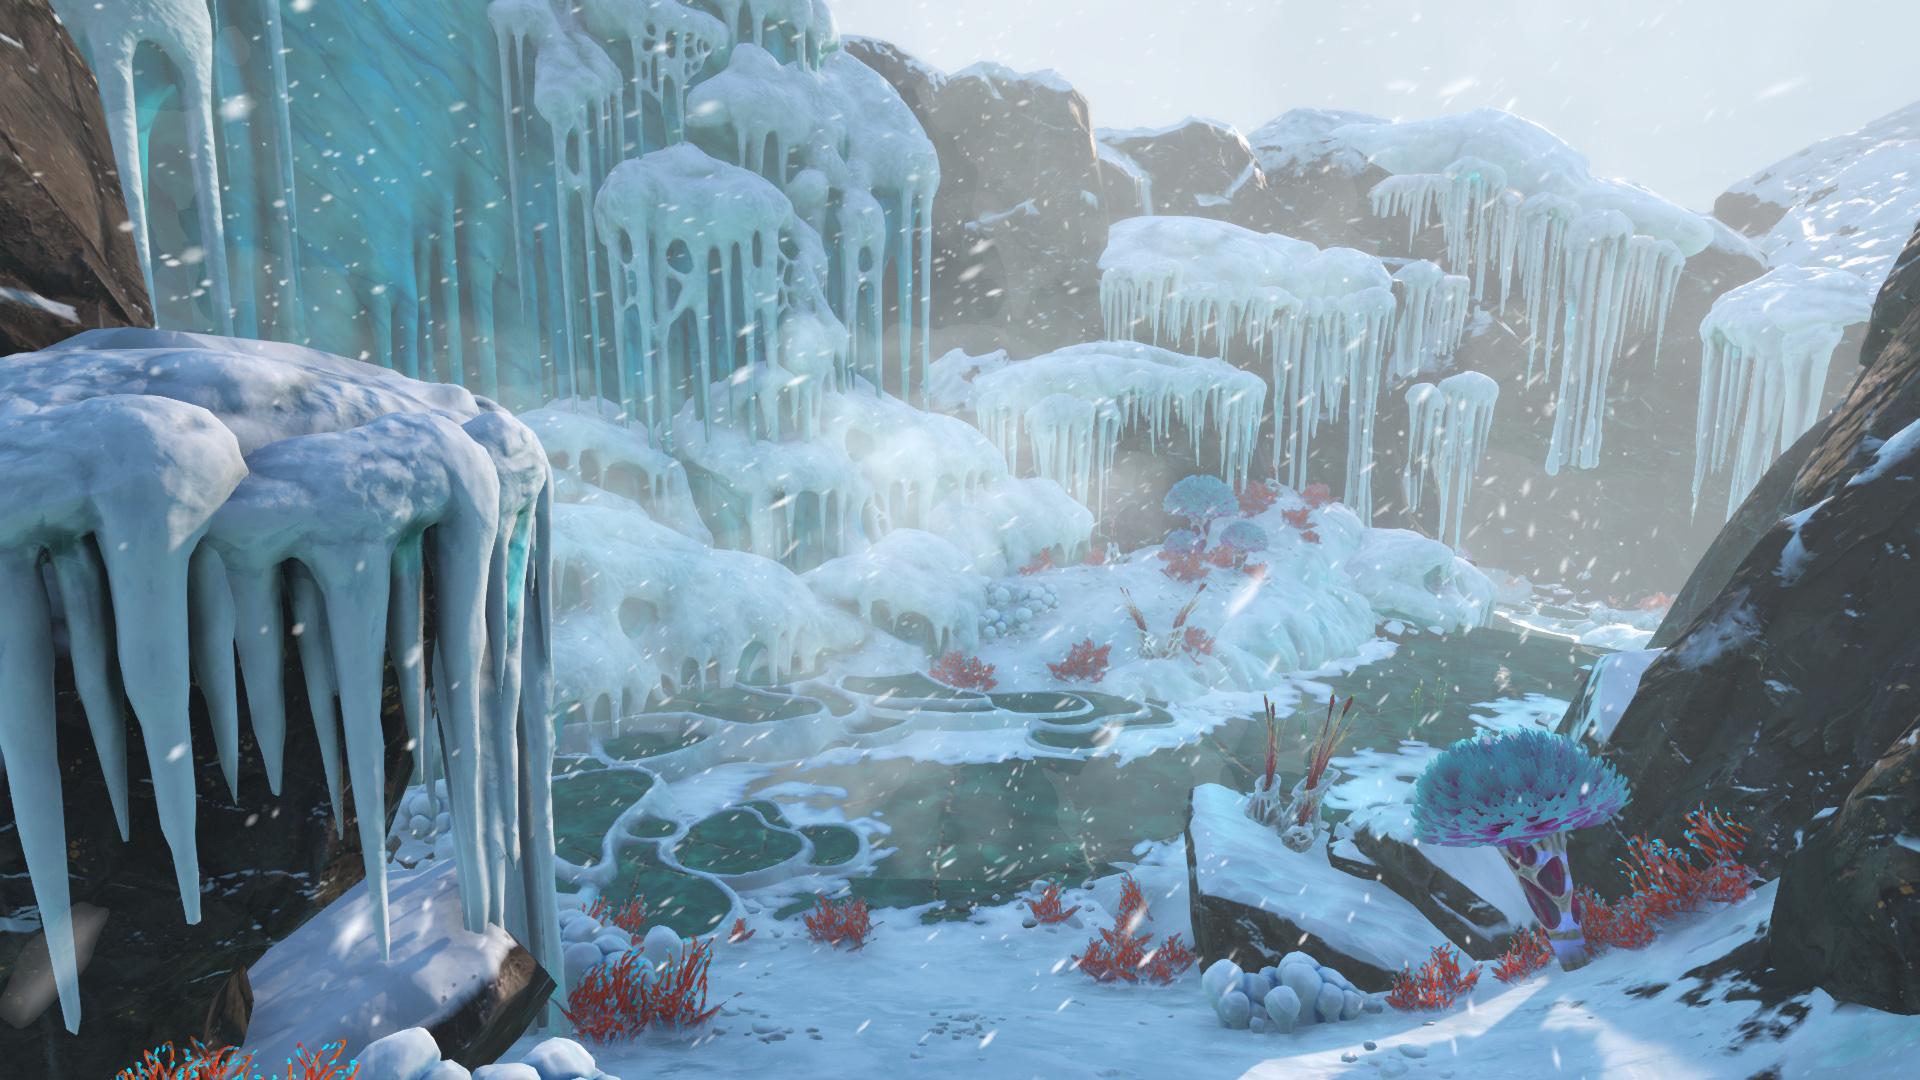 subnautica below zero game wallpaper 74359